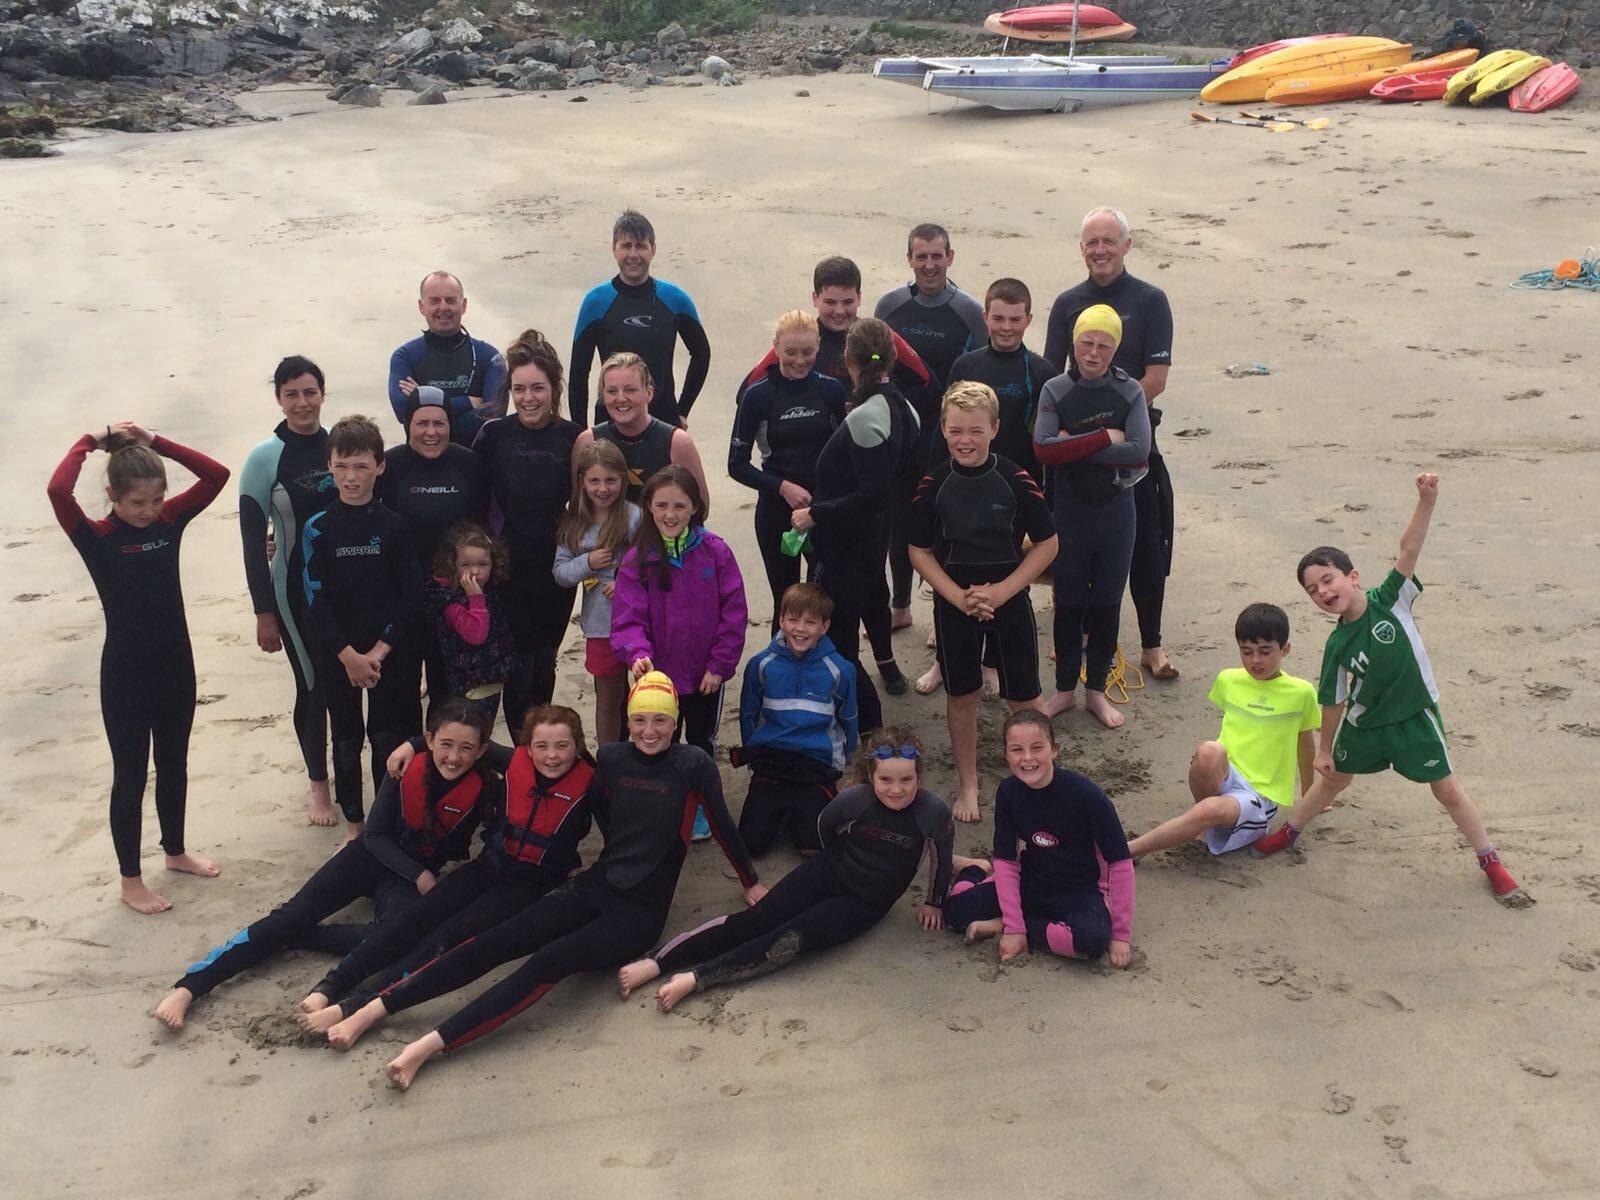 The 'Pier to Beach' club